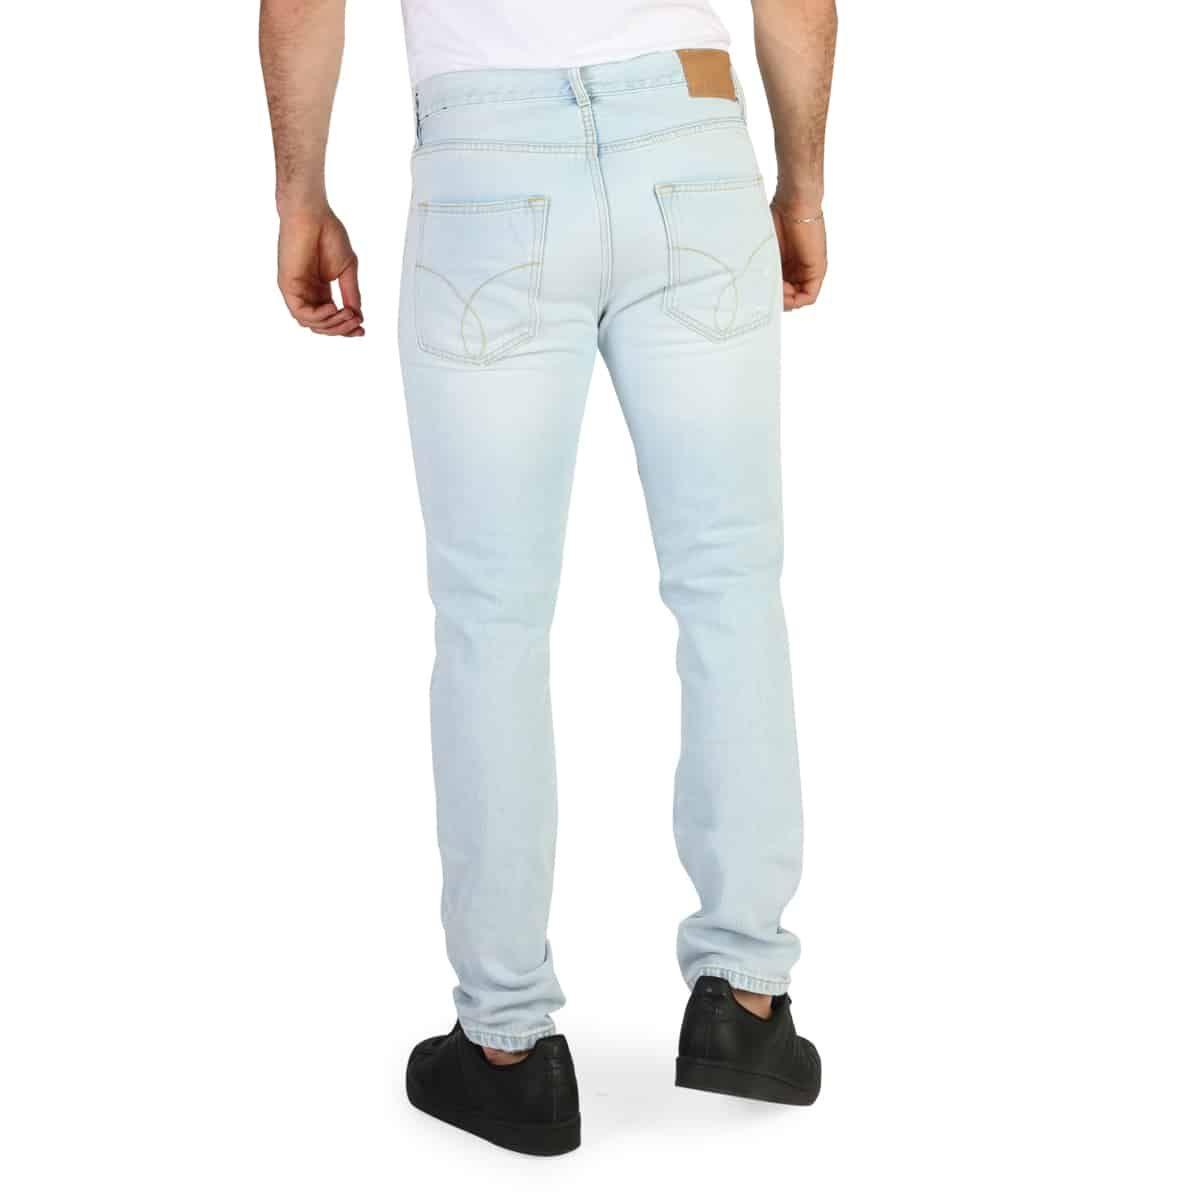 Calvin Klein – J30J304940 L32 Jeans